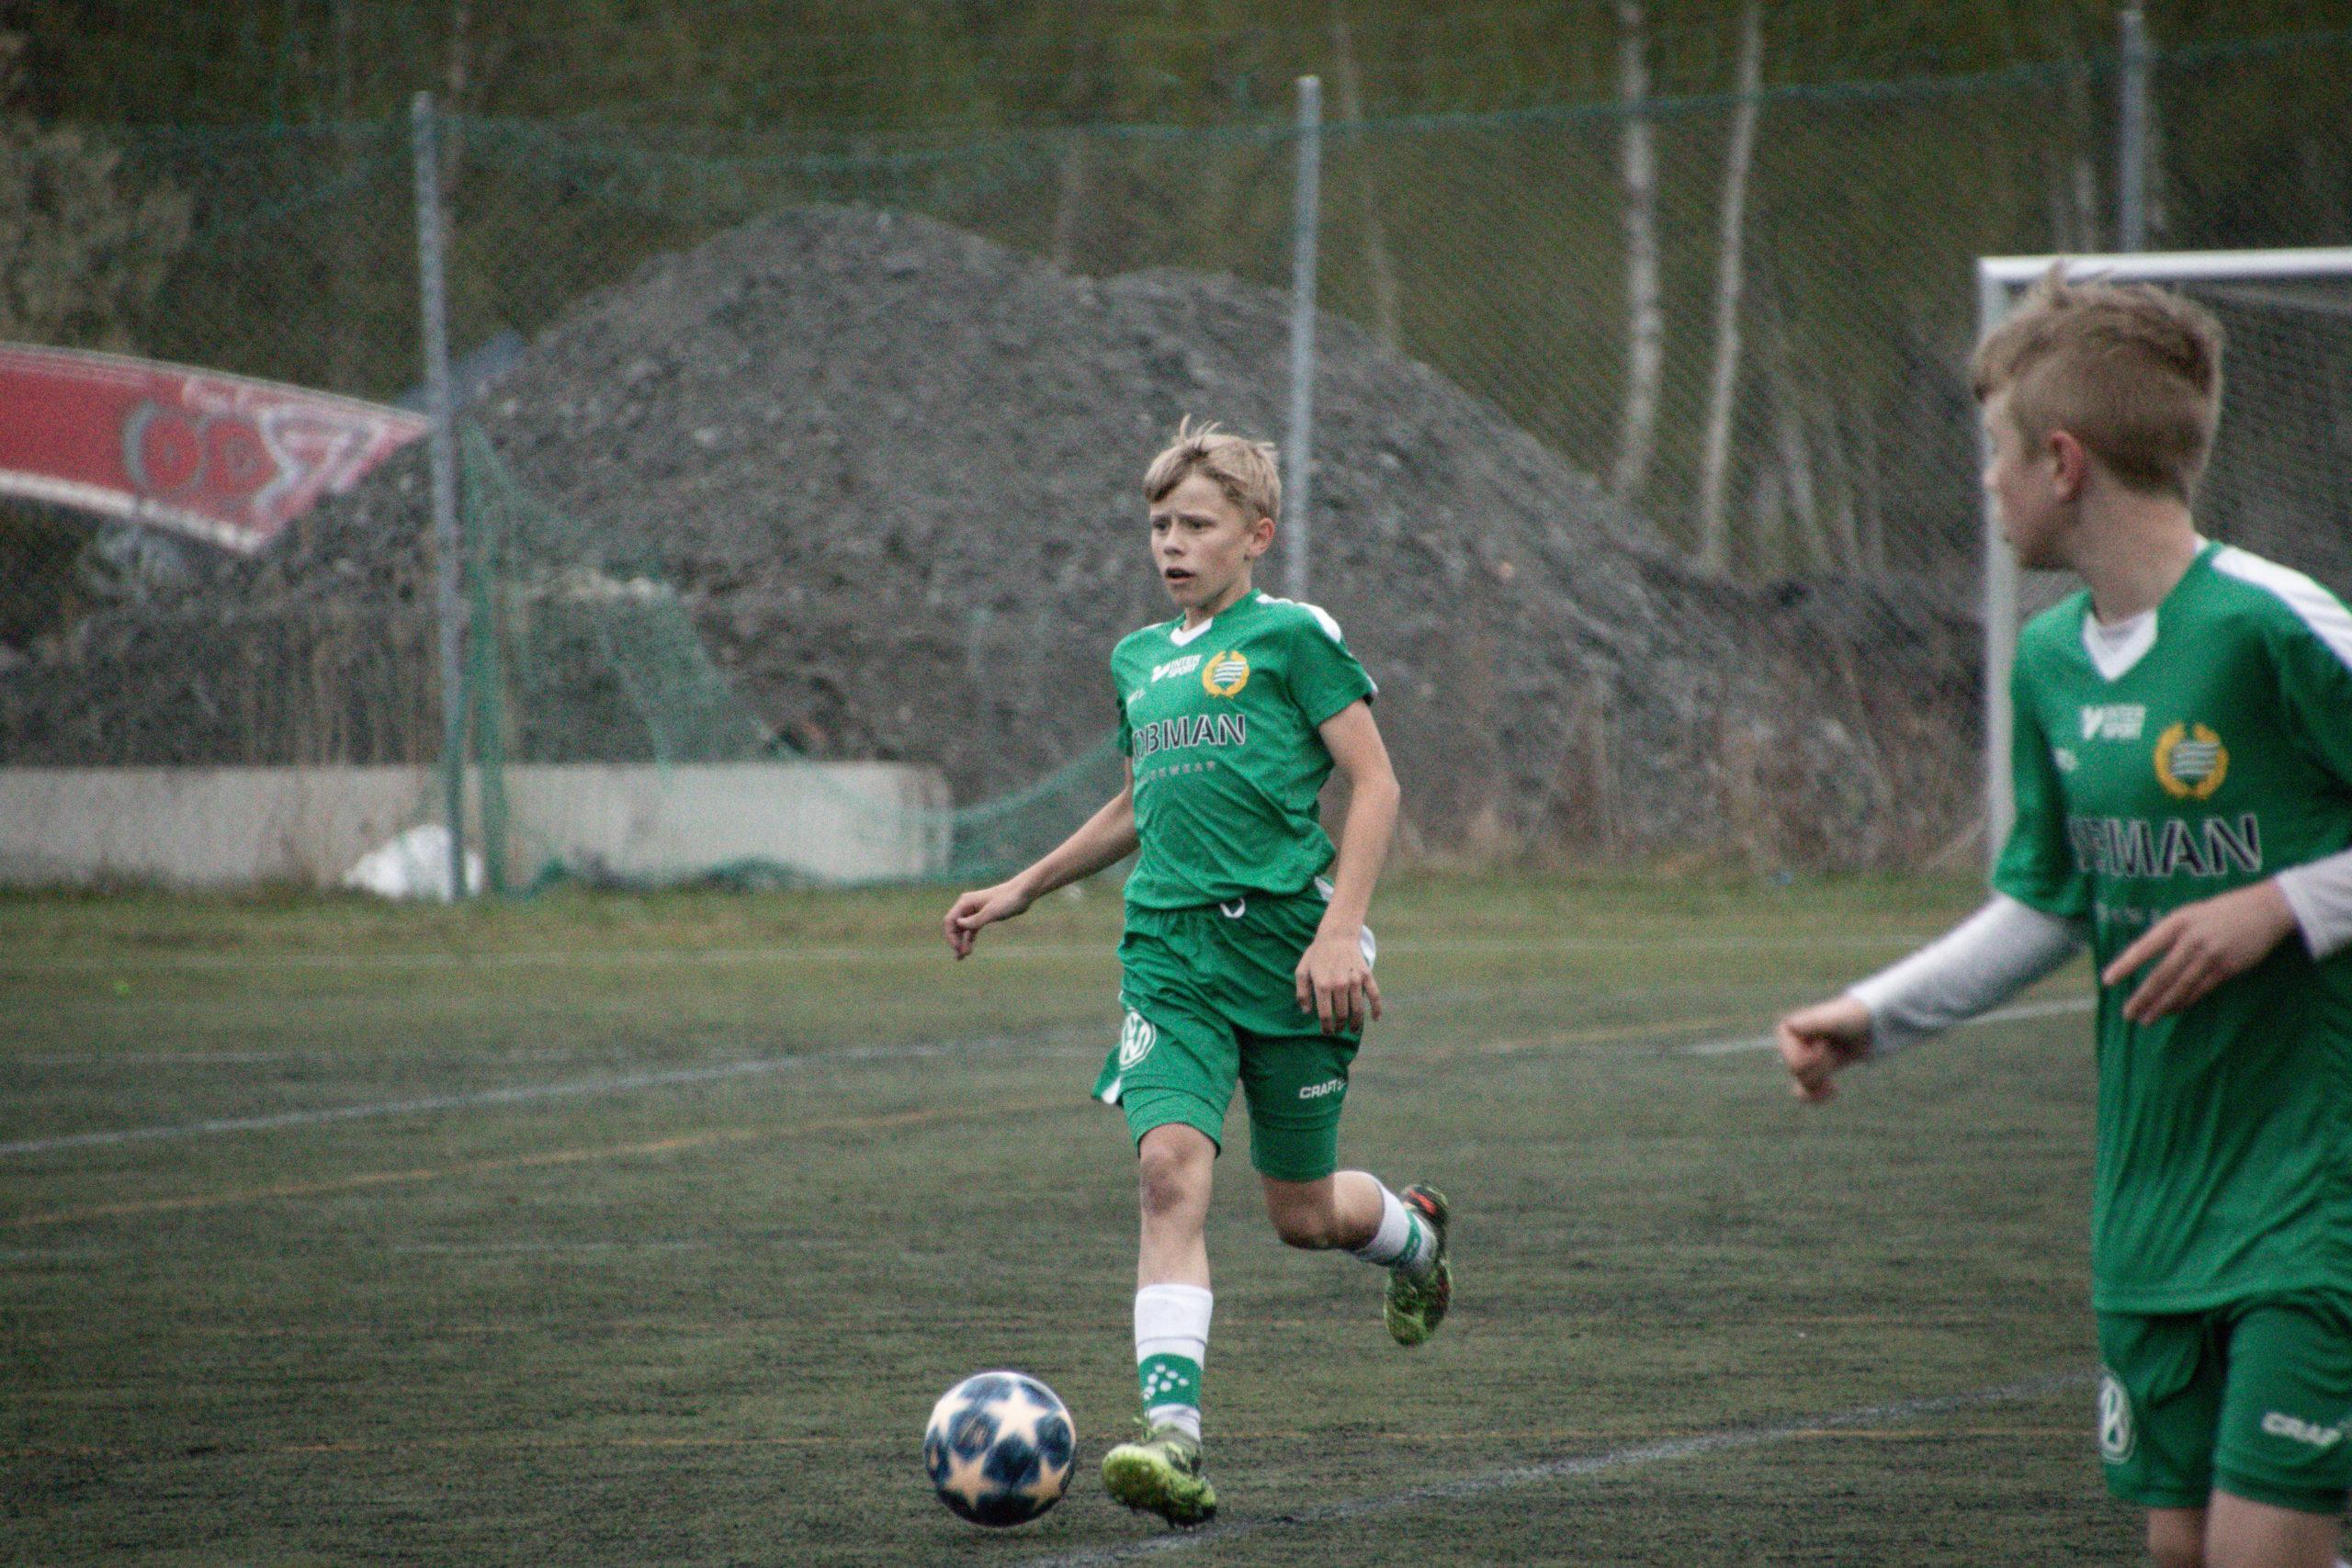 Några av Stockholms bästa 06-lag spelade fin fotboll i elvamanna-cup: Hammarby imponerade stort